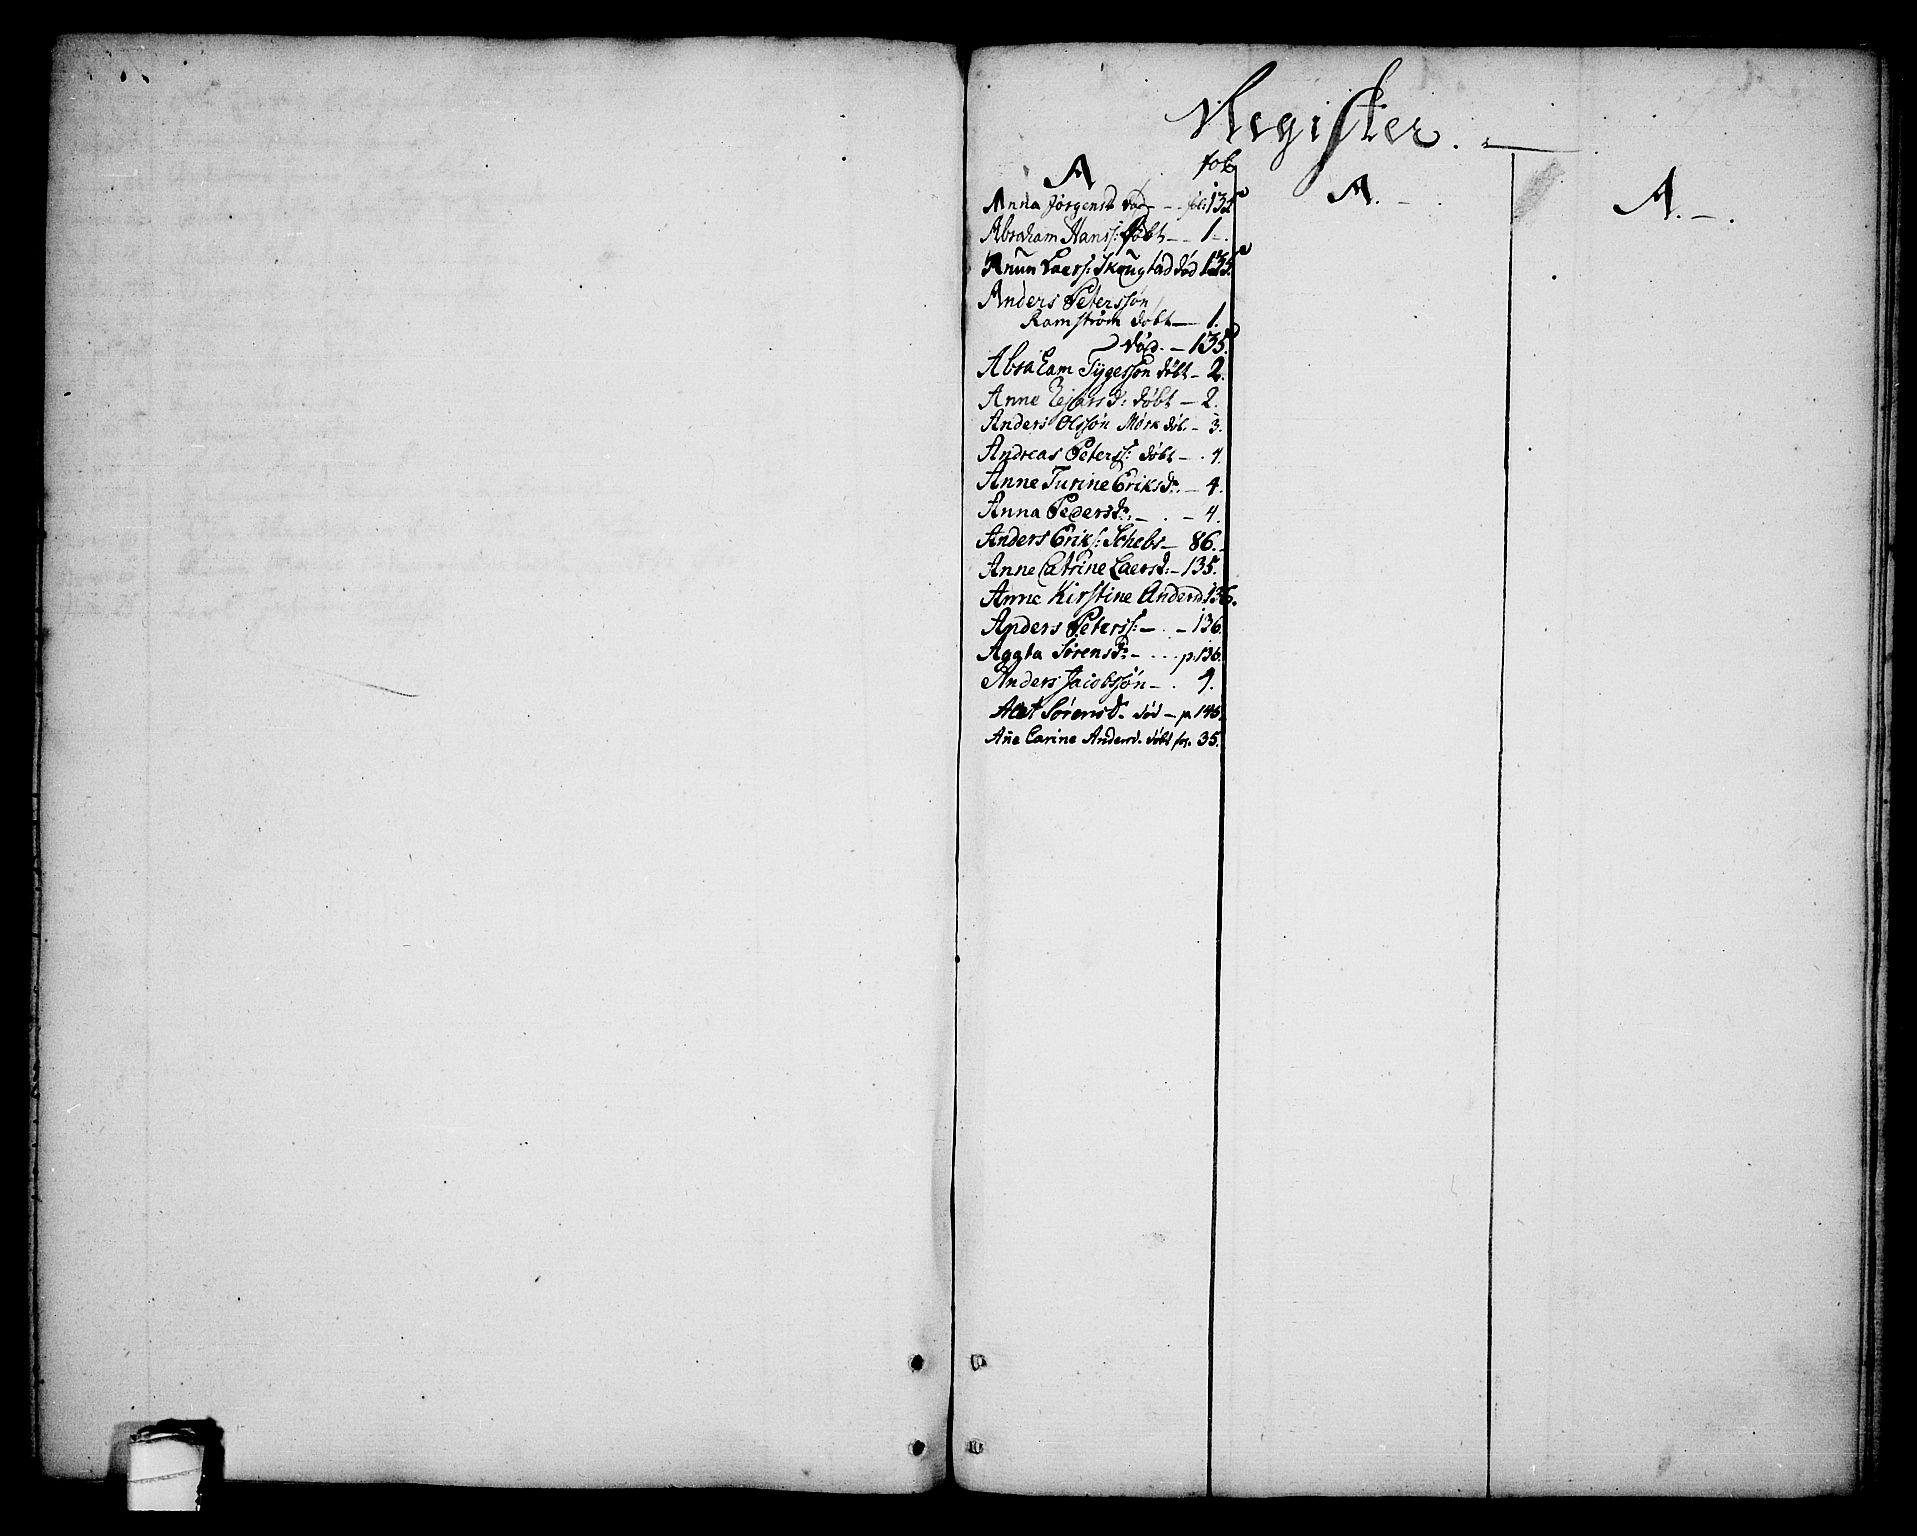 SAKO, Brevik kirkebøker, F/Fa/L0003: Ministerialbok nr. 3, 1764-1814